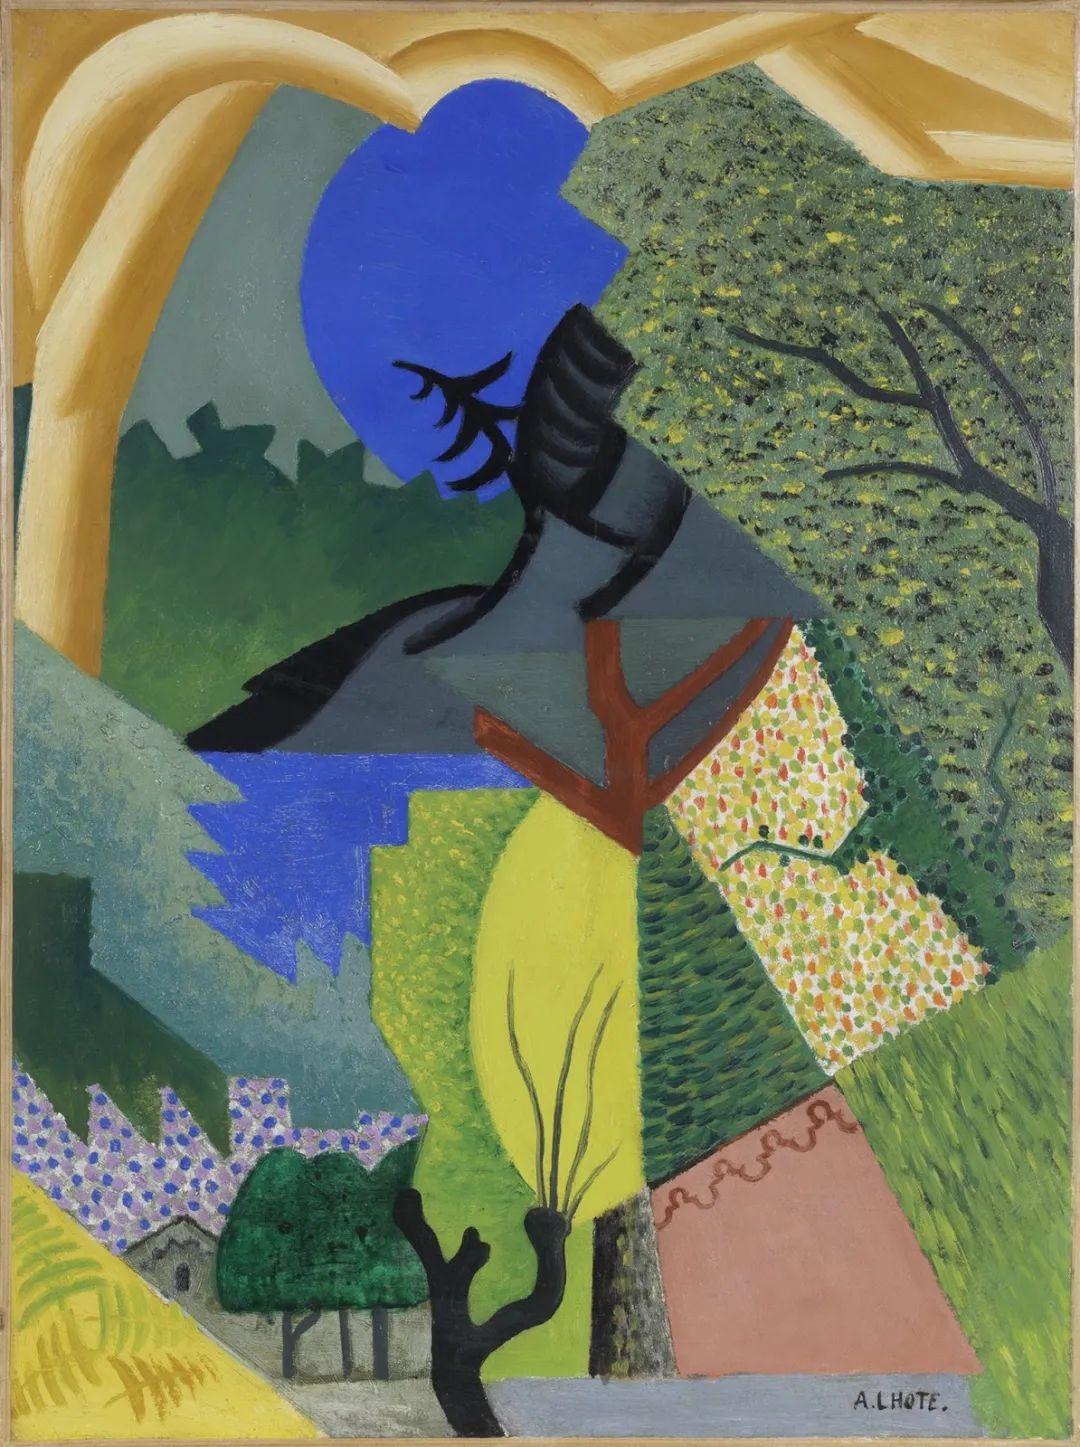 立体派,法国画家安德烈·洛特插图89